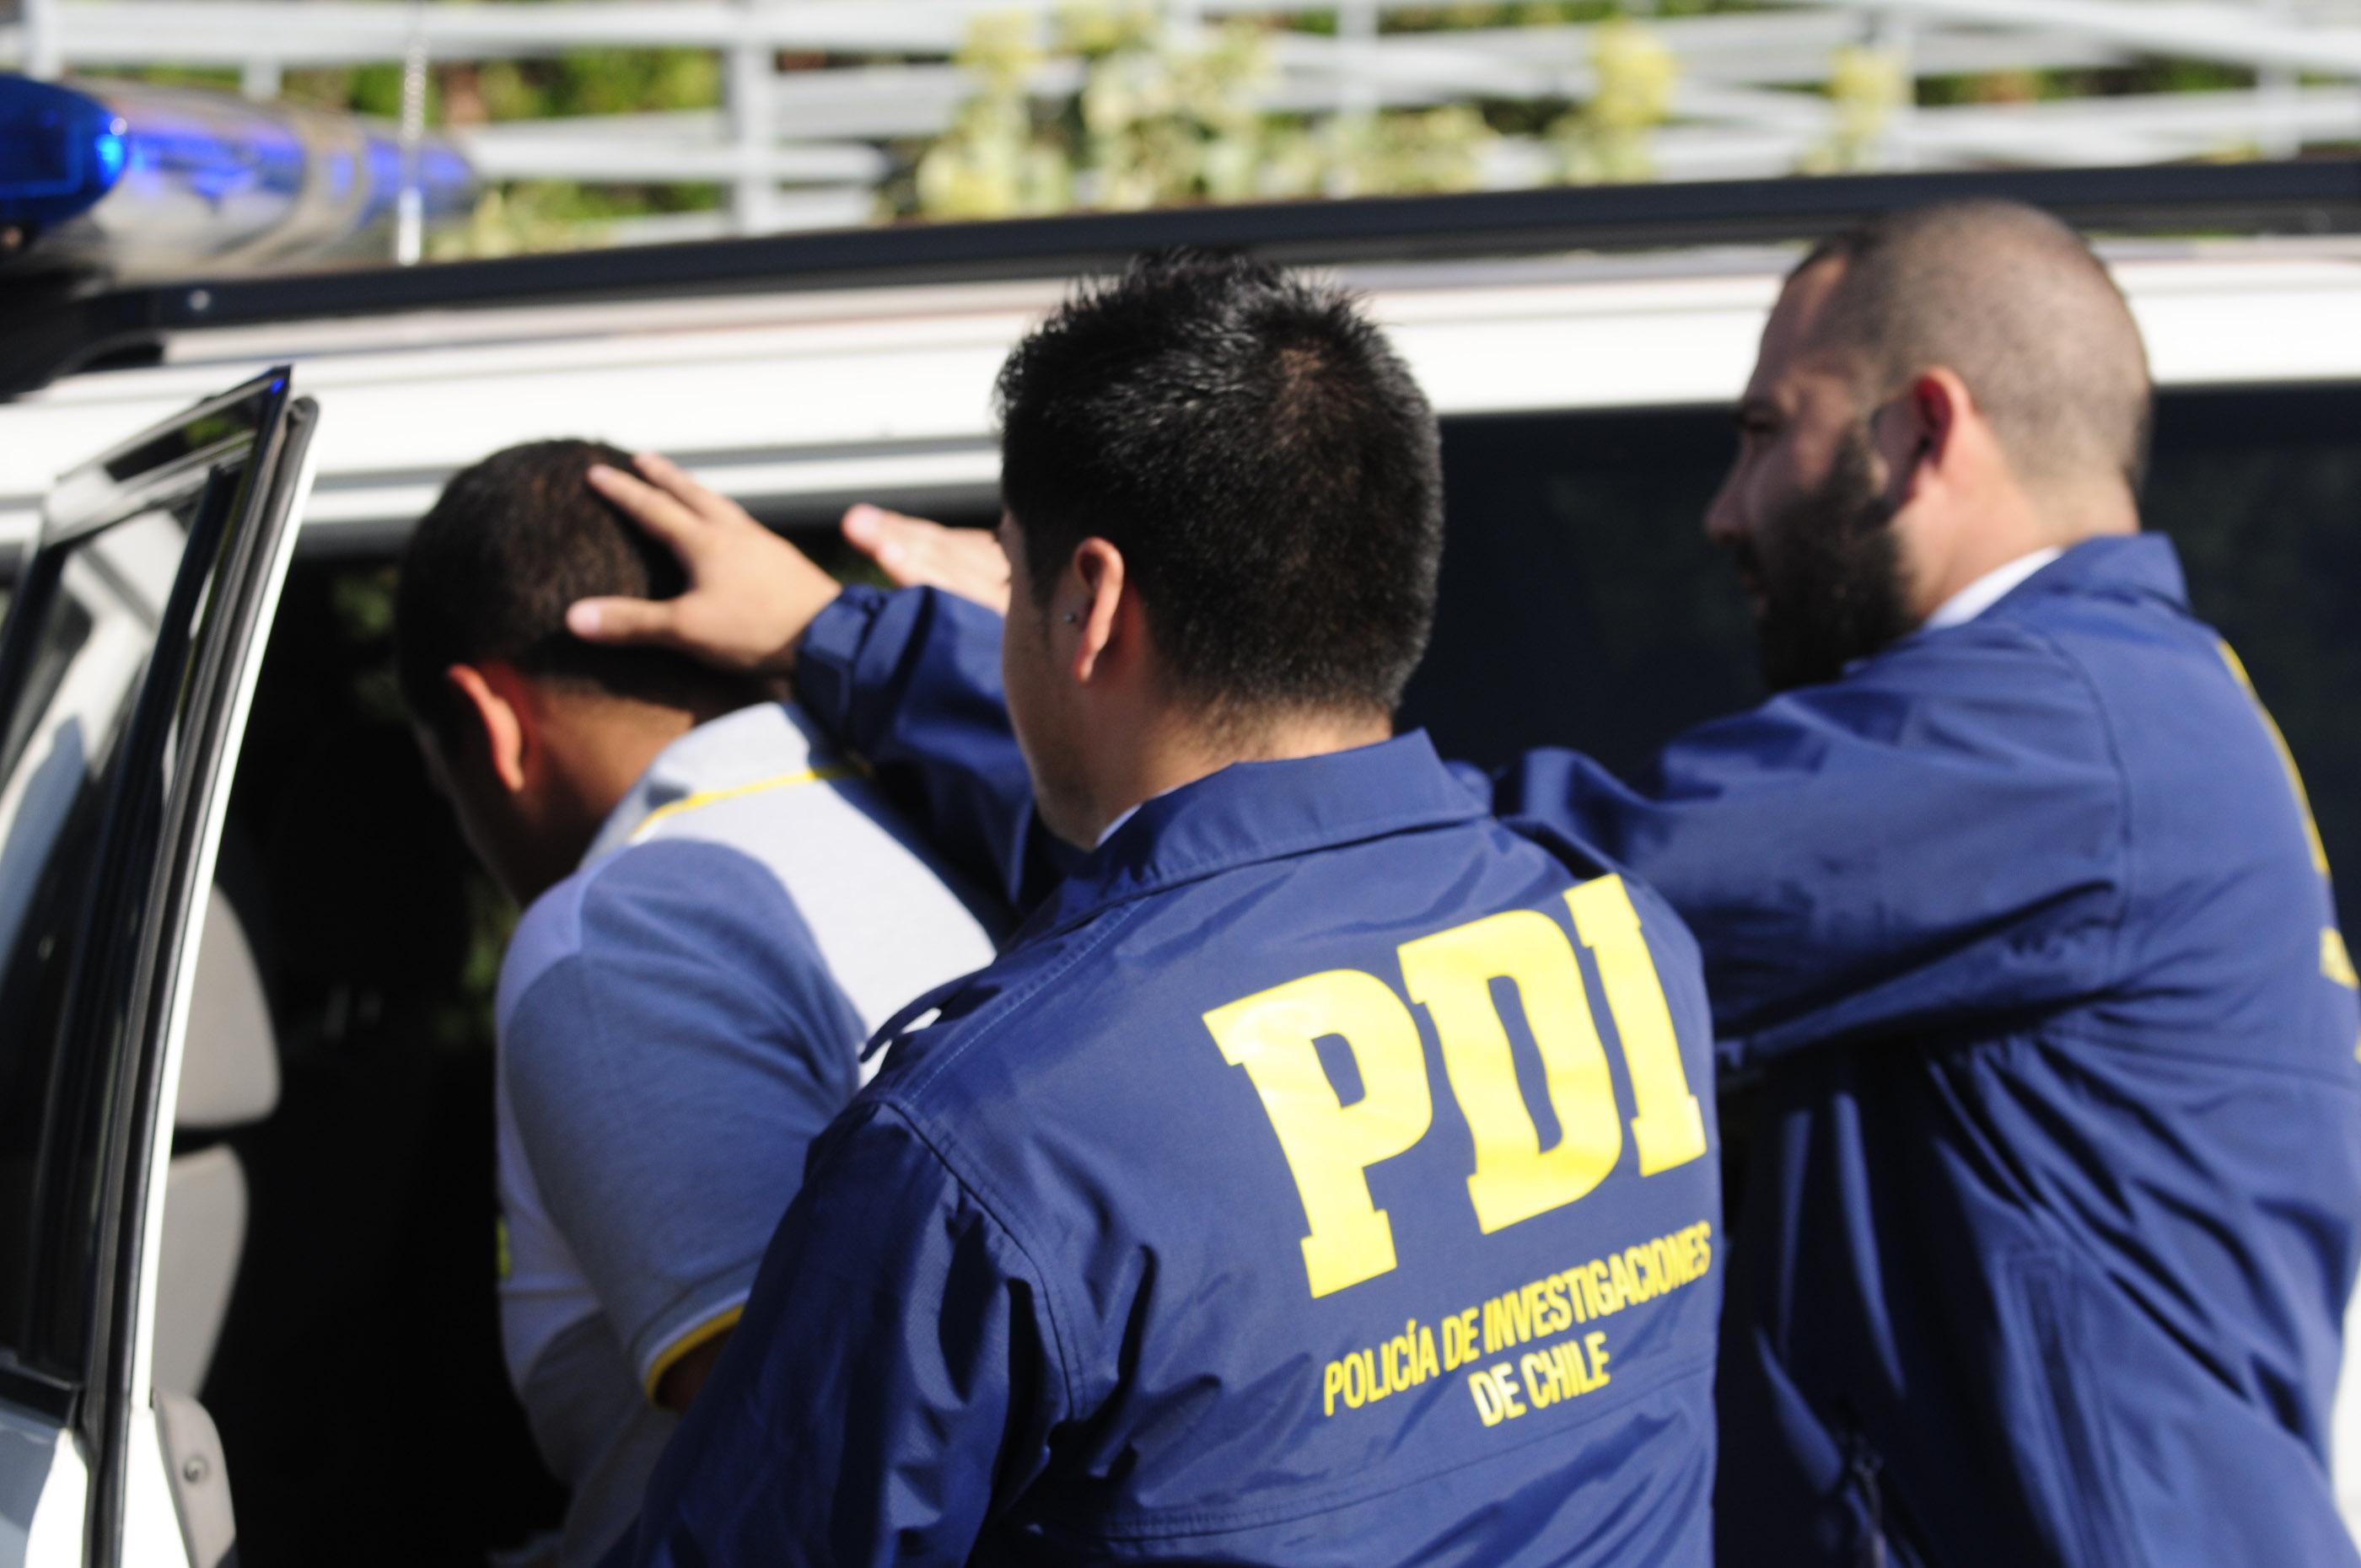 Fue a cobrar una deuda a golpes y terminó siendo detenido por la PDI en Vallenar